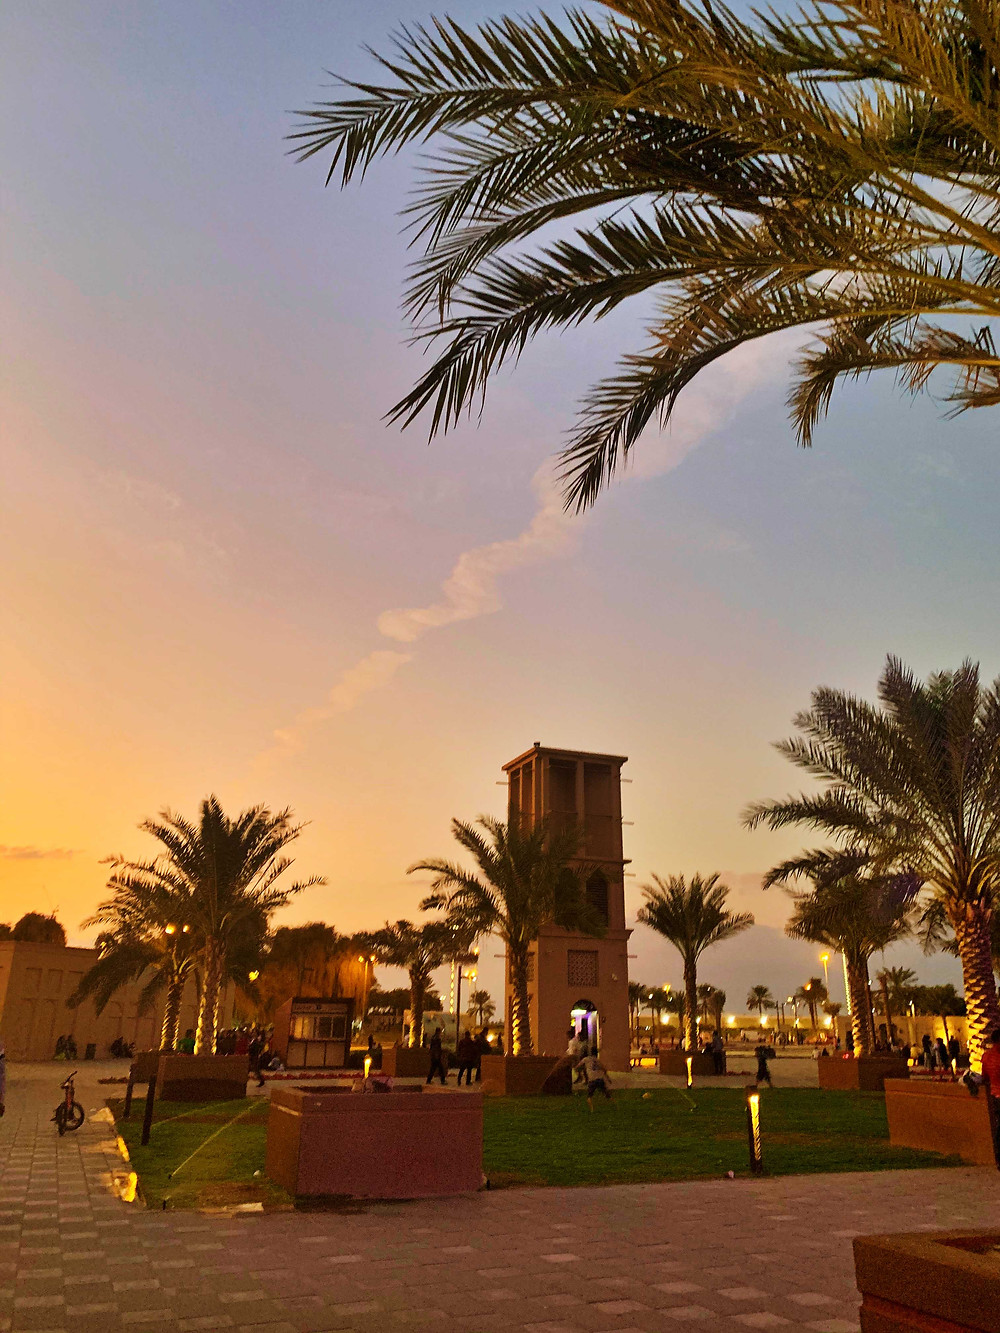 Al Ghubaiba Marine, Dubai, United Arab Emirates